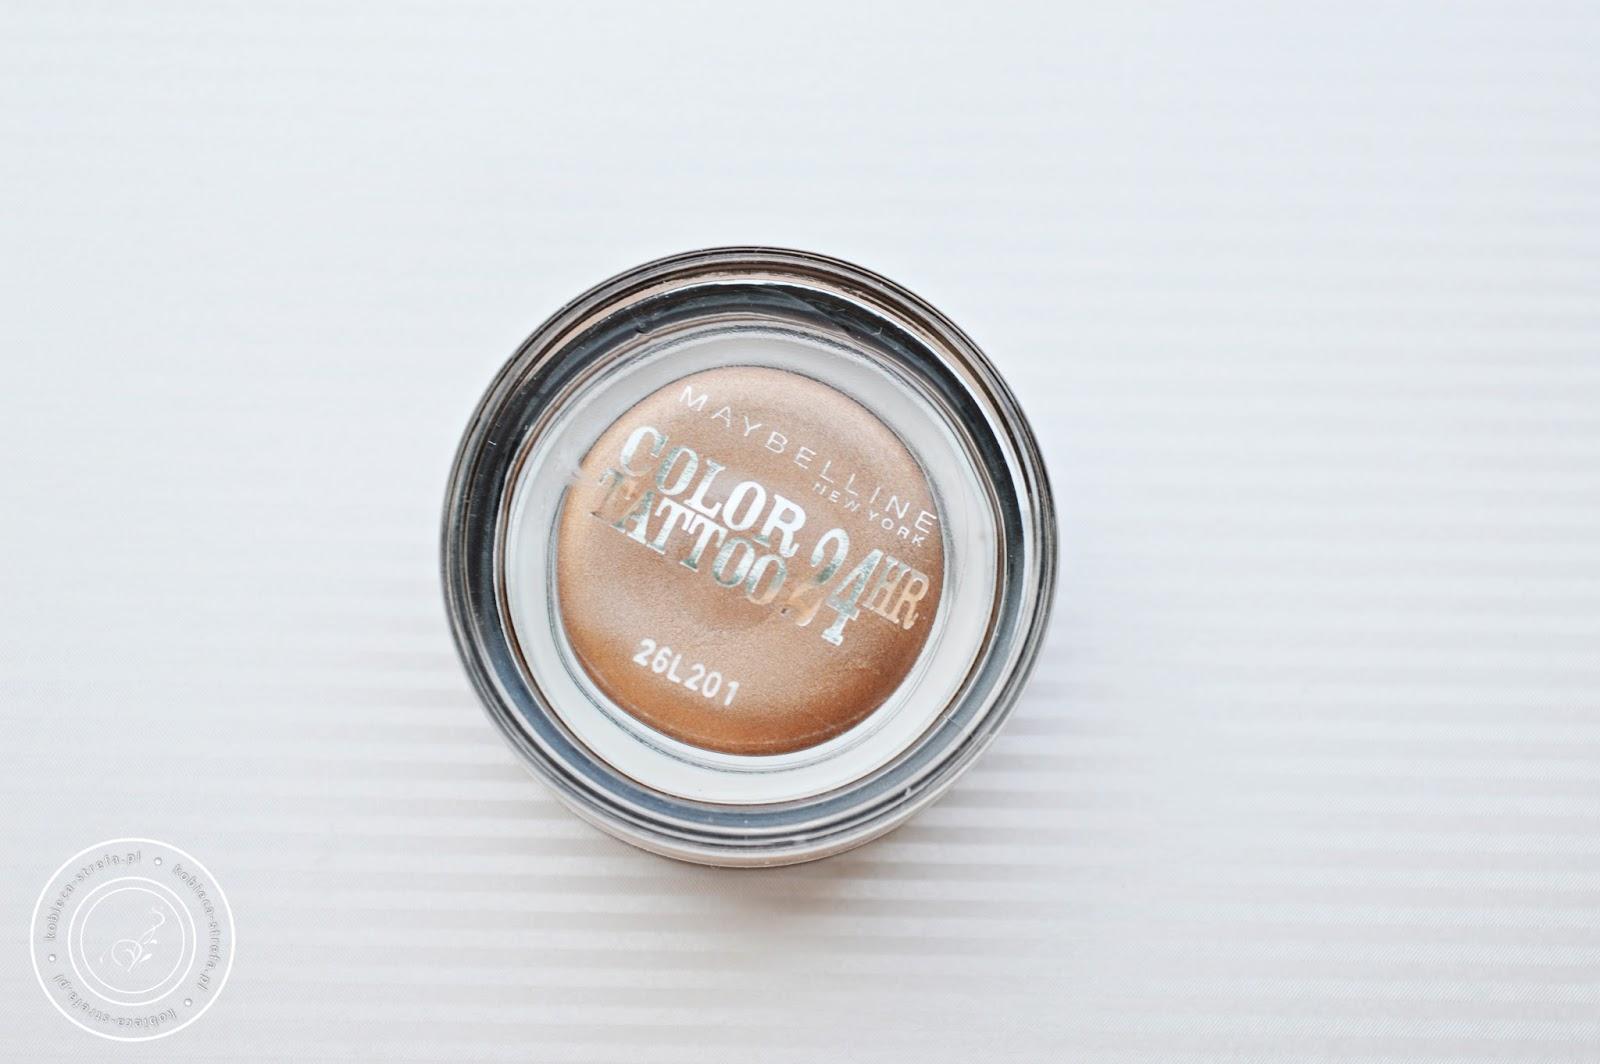 Kremowo - żelowy cień do powiek Color Tattoo 24 HR od Maybelline